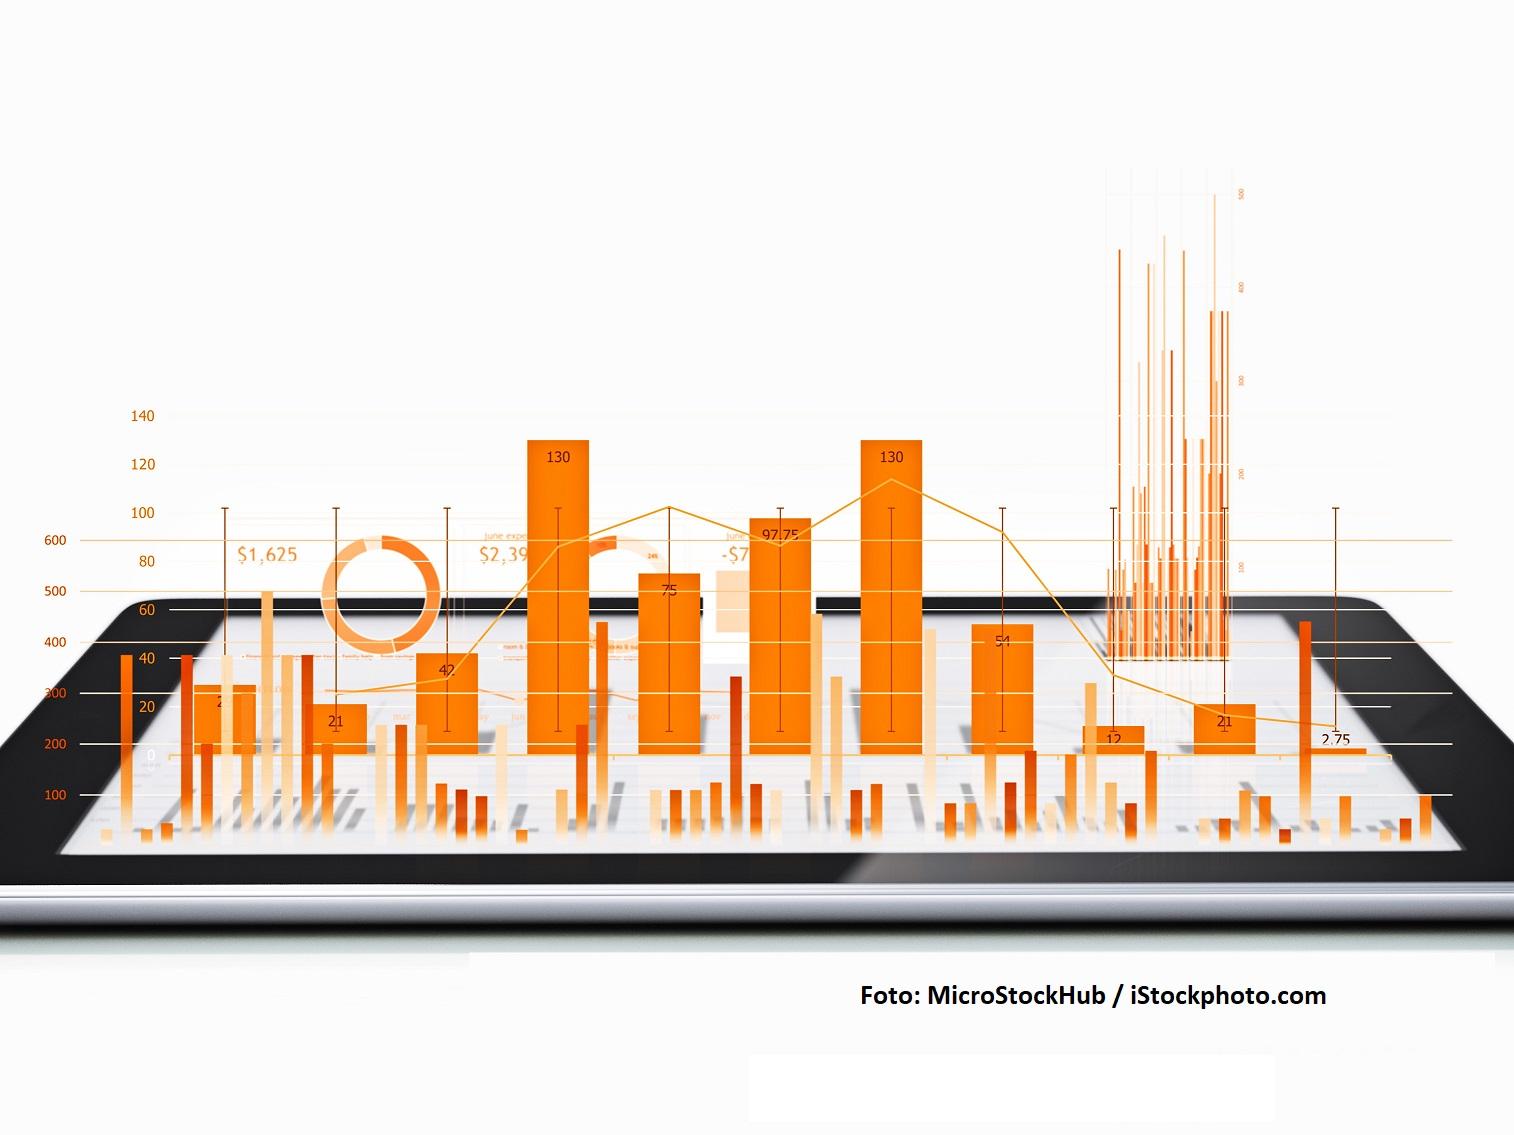 Bibliotheksstatistik: Dateneingabe 2021 beendet